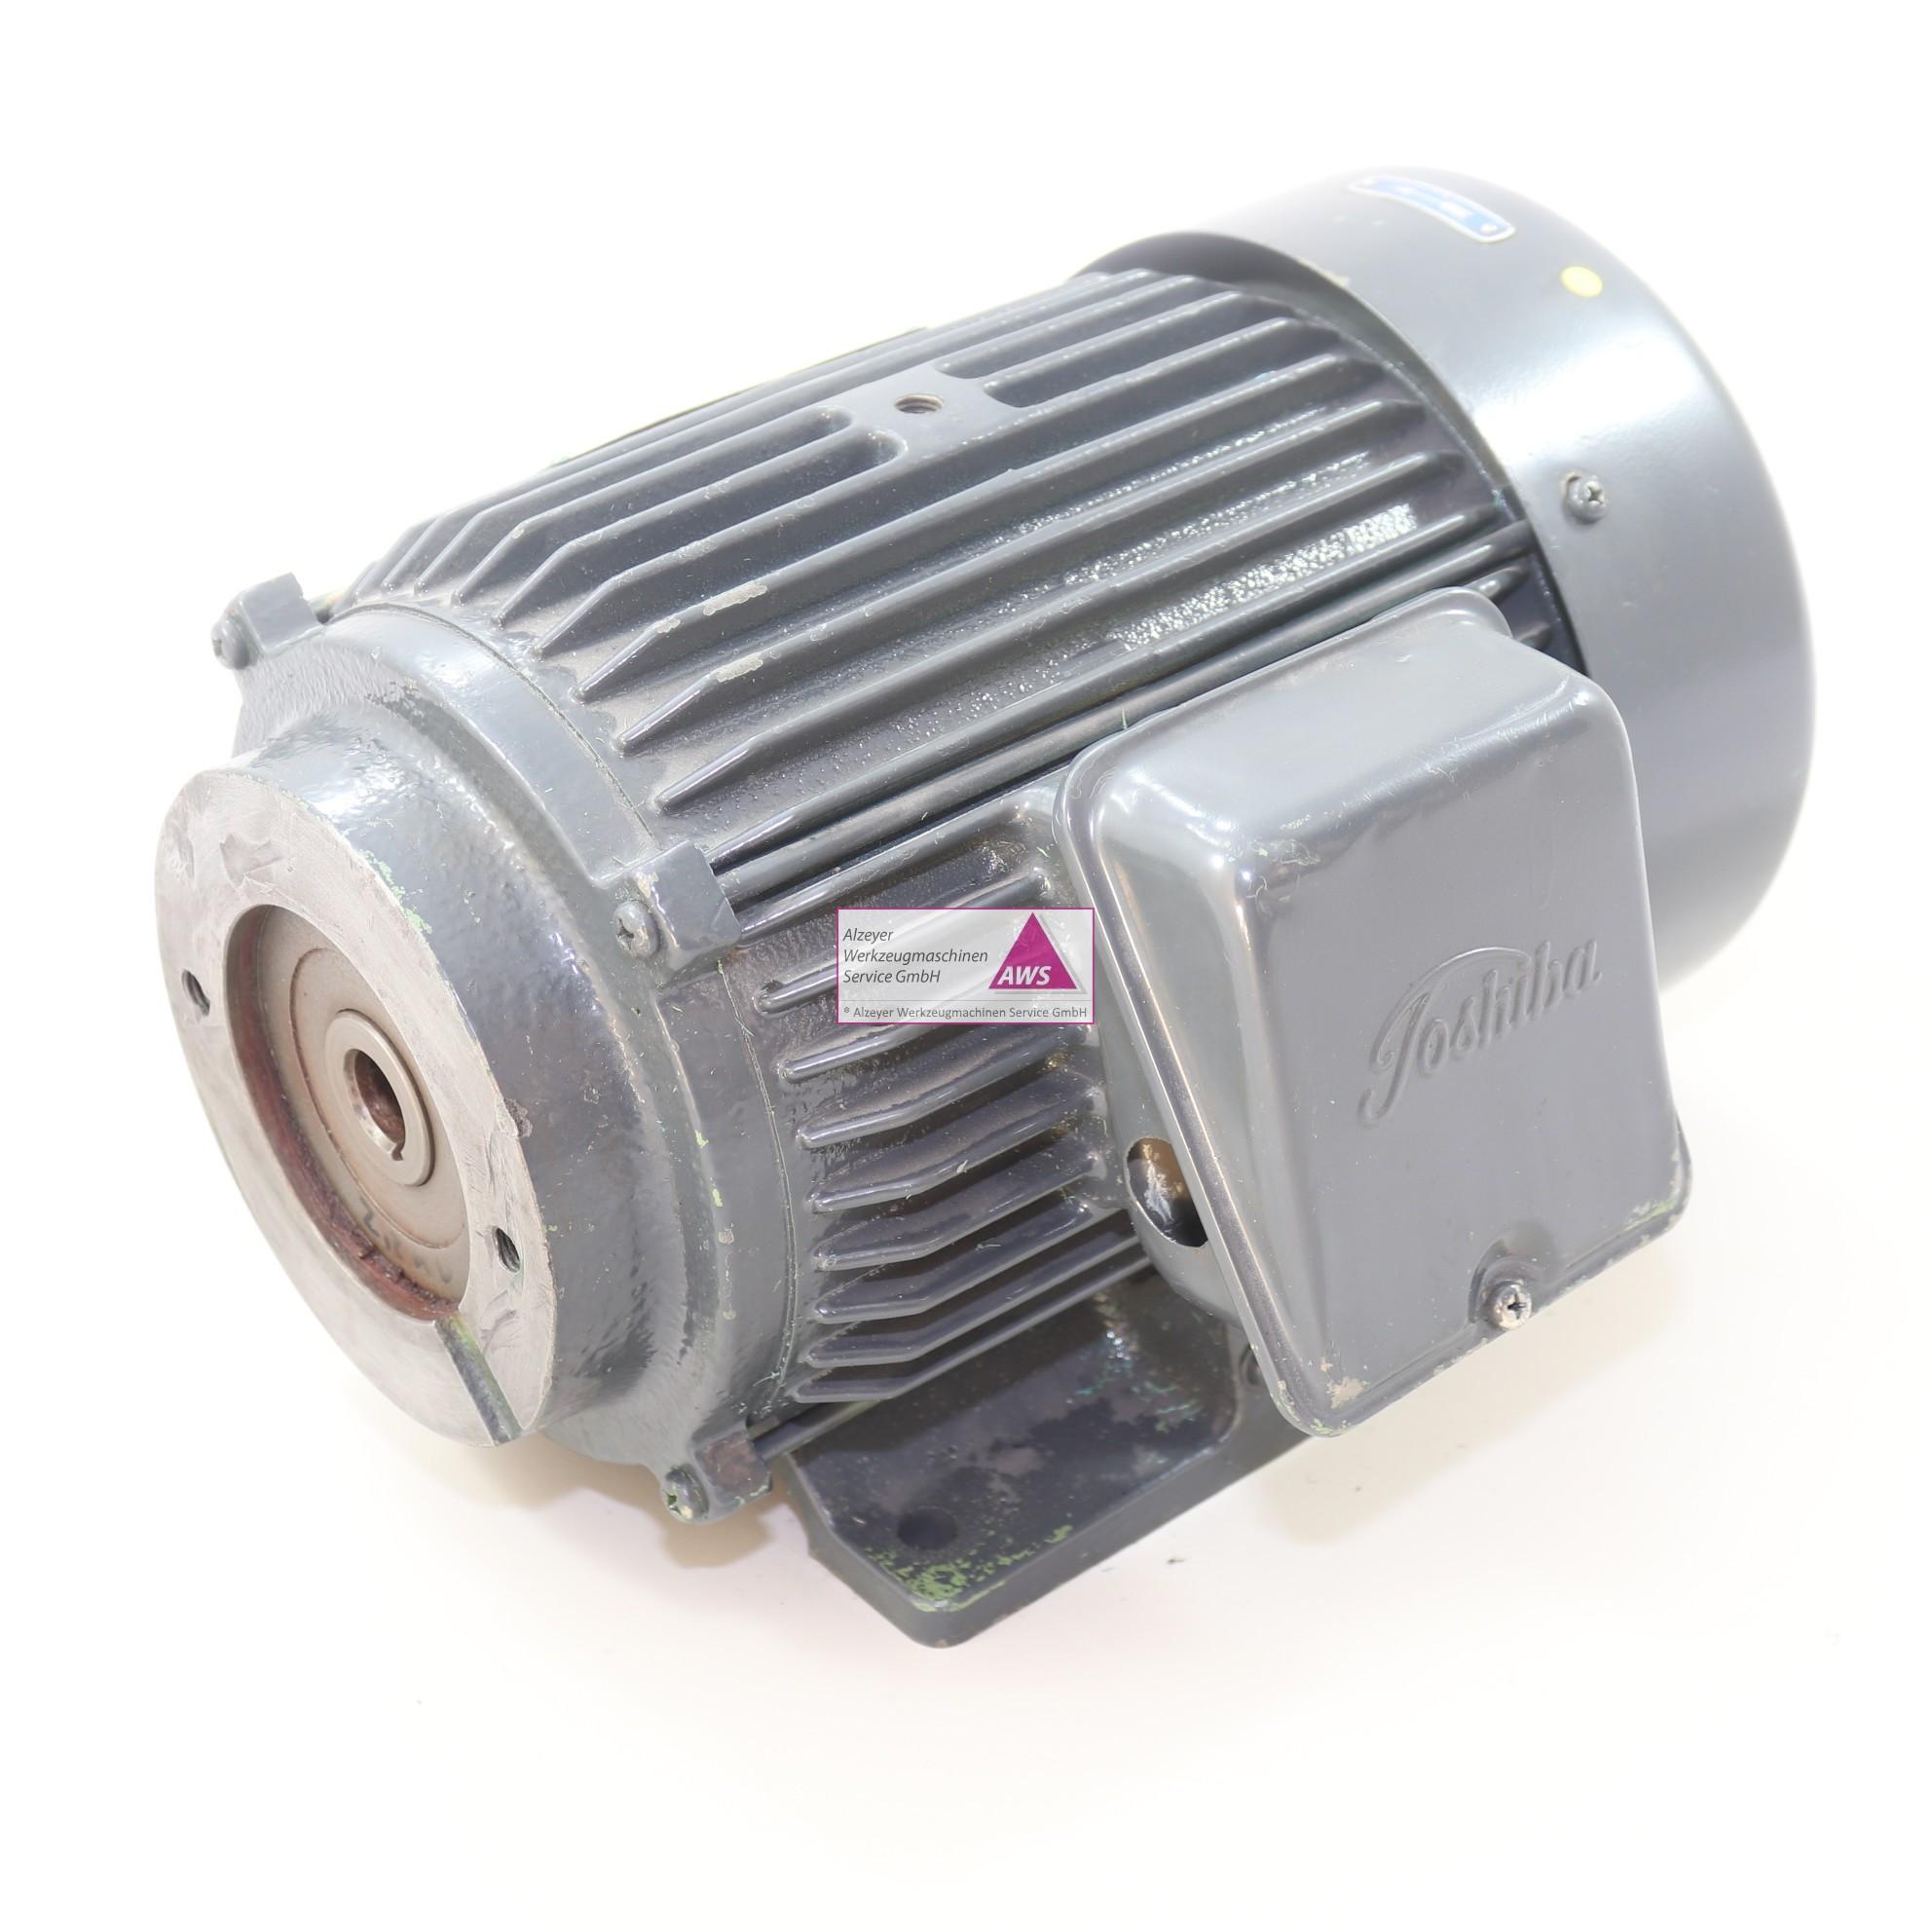 Motor 2,2KW 380V für Hydraulikpumpe